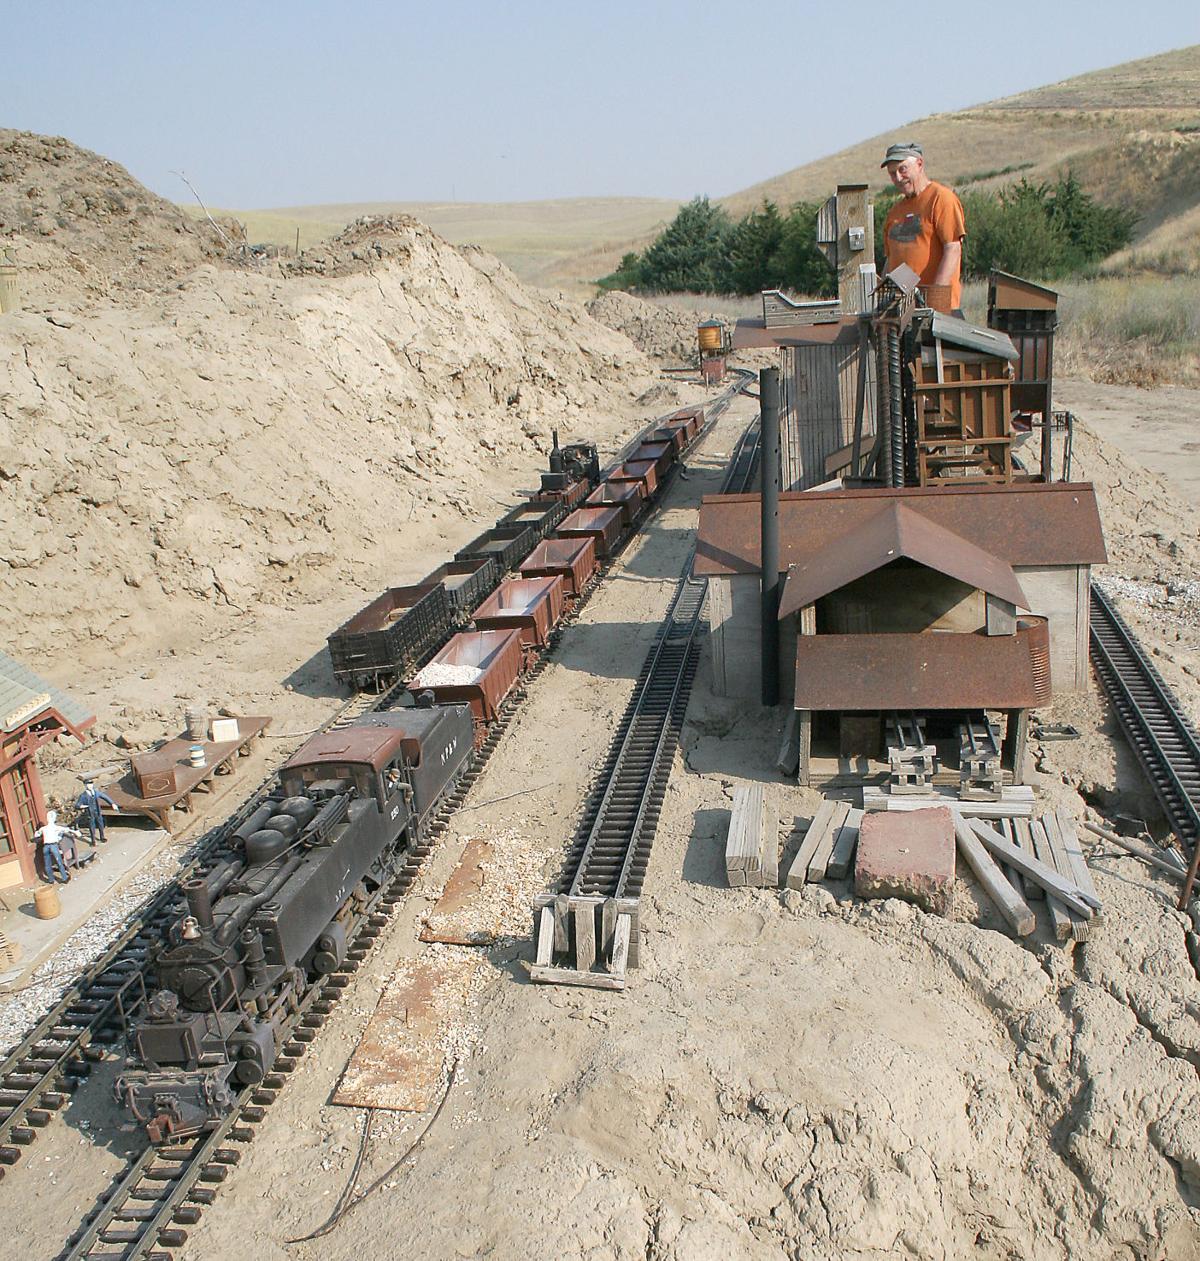 Rooms: Walla Walla County Farmer Dreams Big With Model Railroad